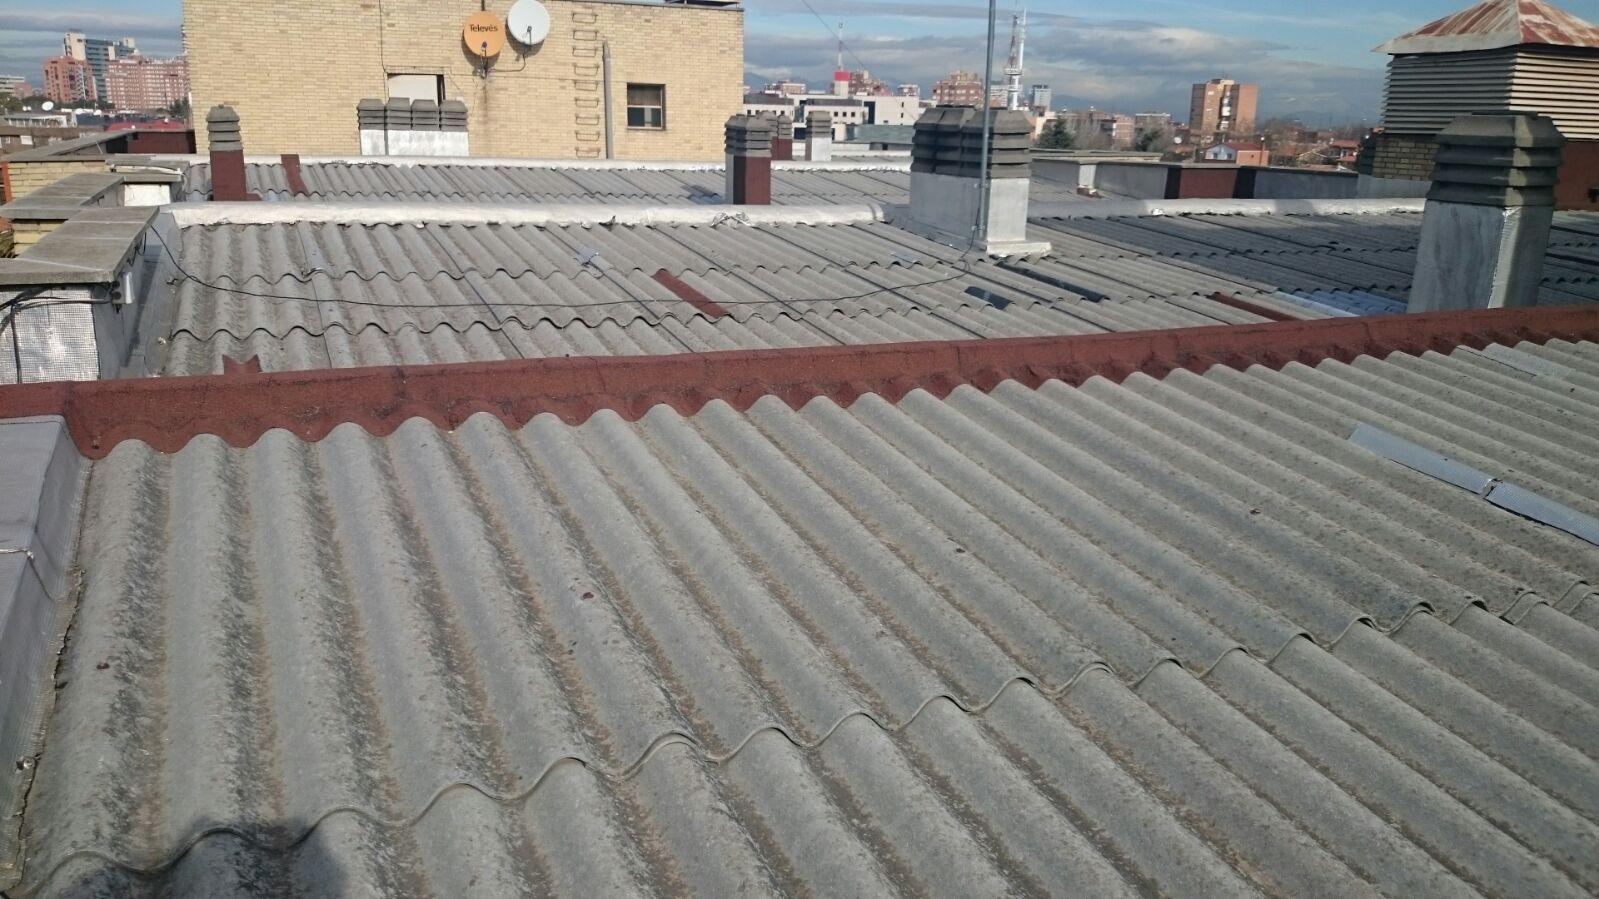 Foto 21 de Cubiertas y tejados en Leganés | Cubiertas Imperdur, S.L.